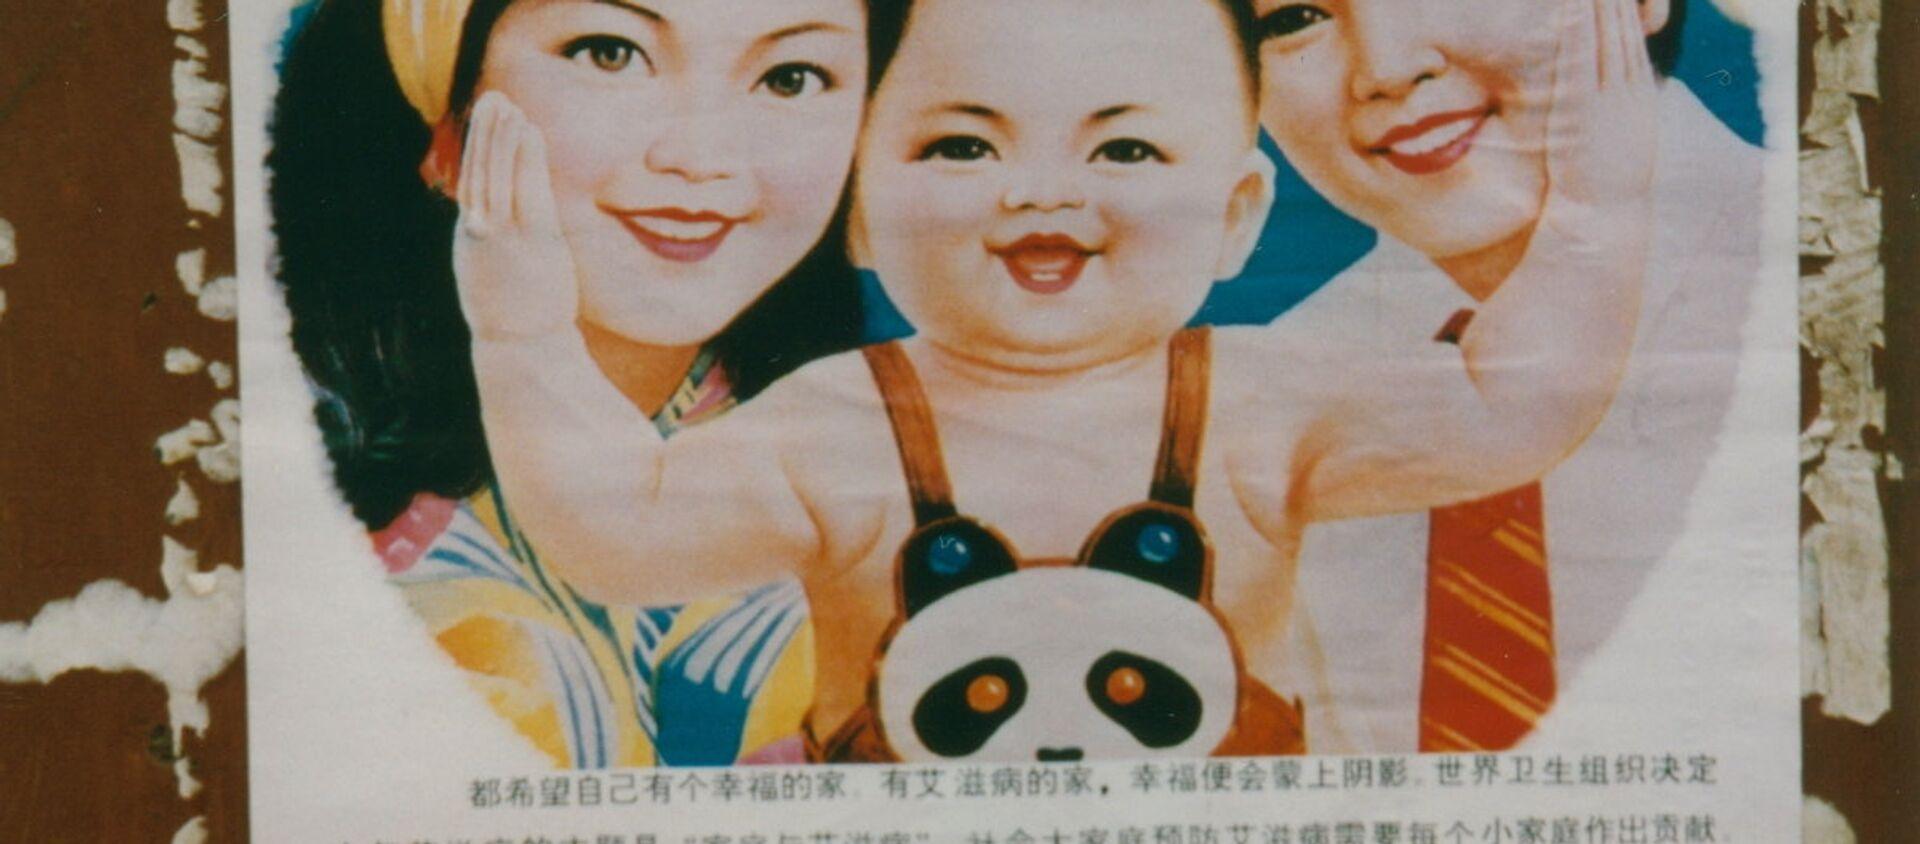 Póster sobre la política de hijo único en China - Sputnik Mundo, 1920, 05.01.2019